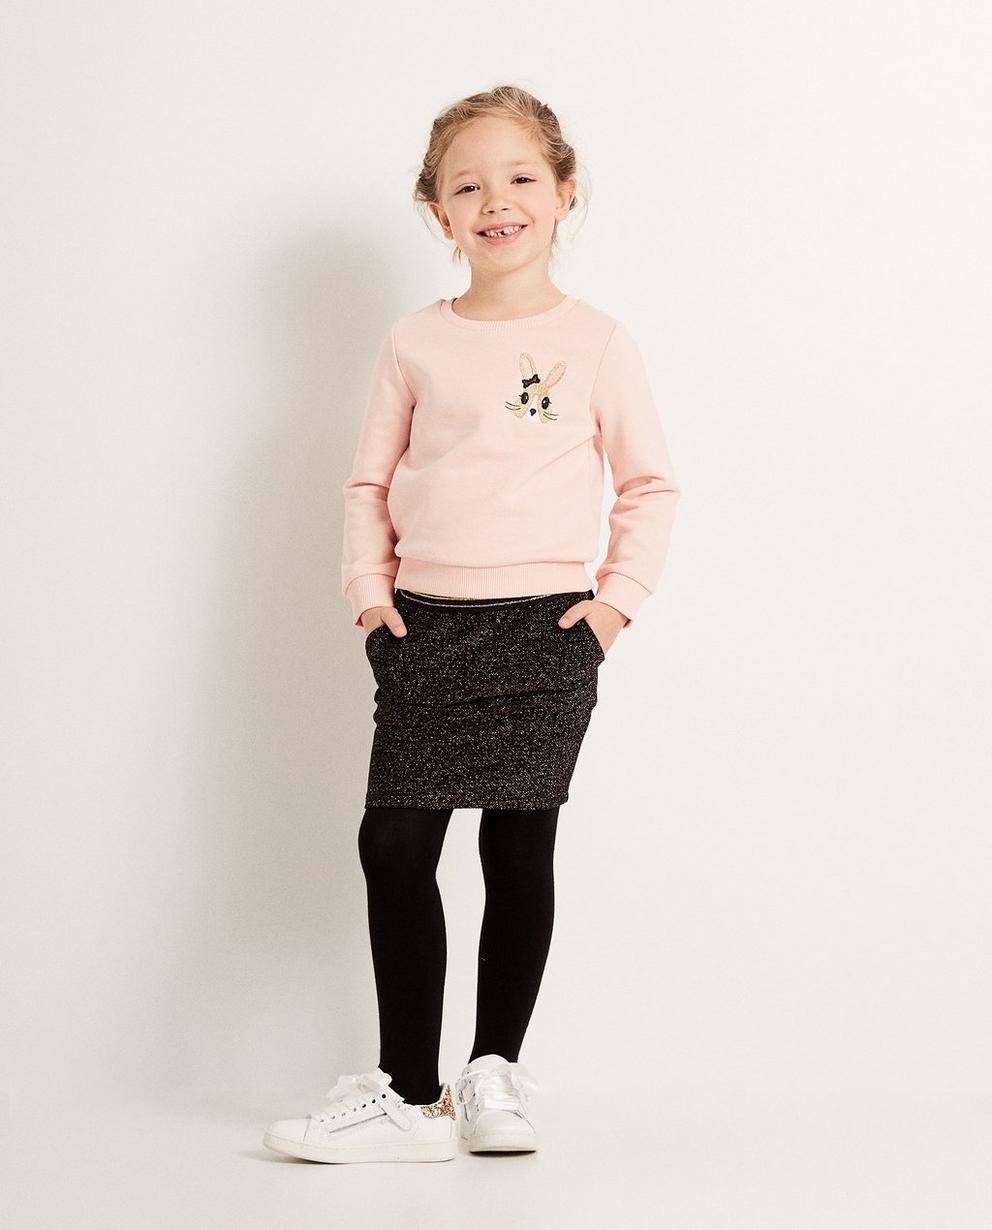 Hellrosa Sweater - mit Kaninchenprint - JBC